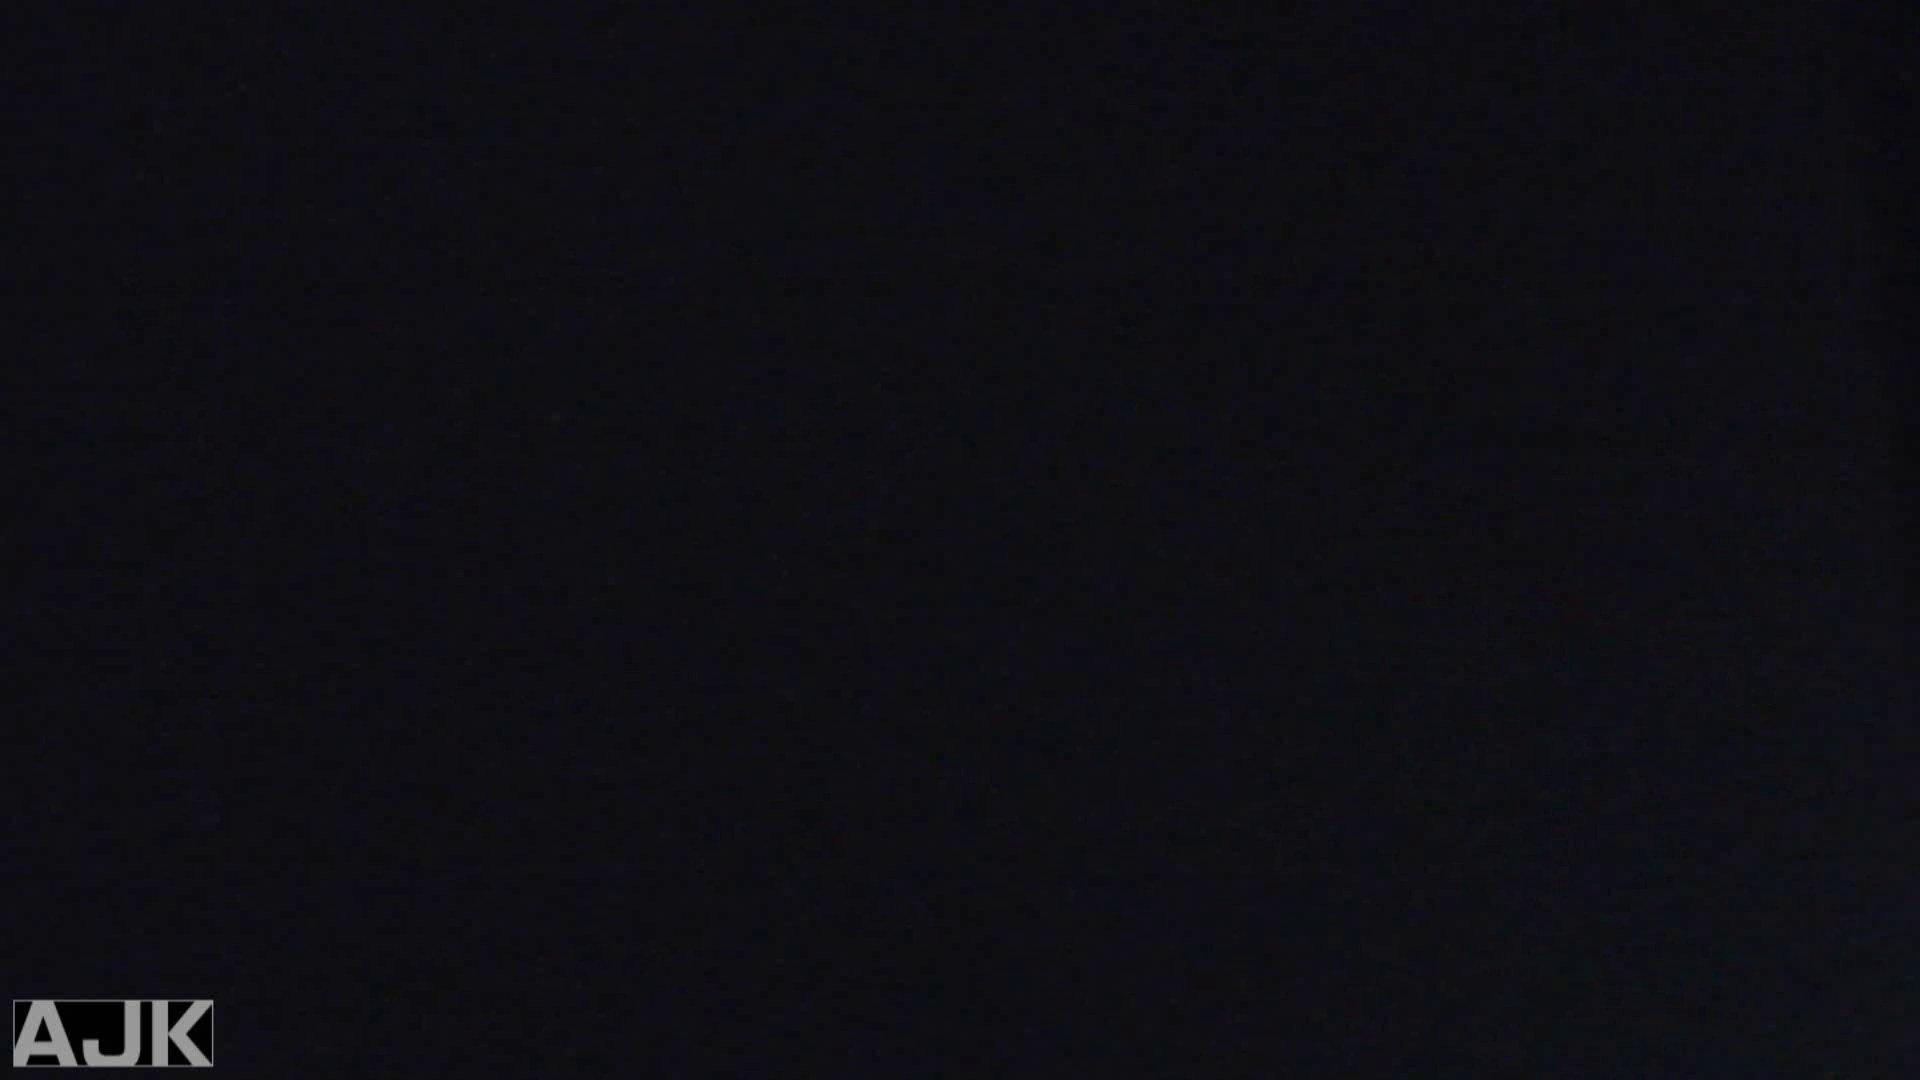 神降臨!史上最強の潜入かわや! vol.22 盗撮シリーズ おめこ無修正動画無料 112PIX 80